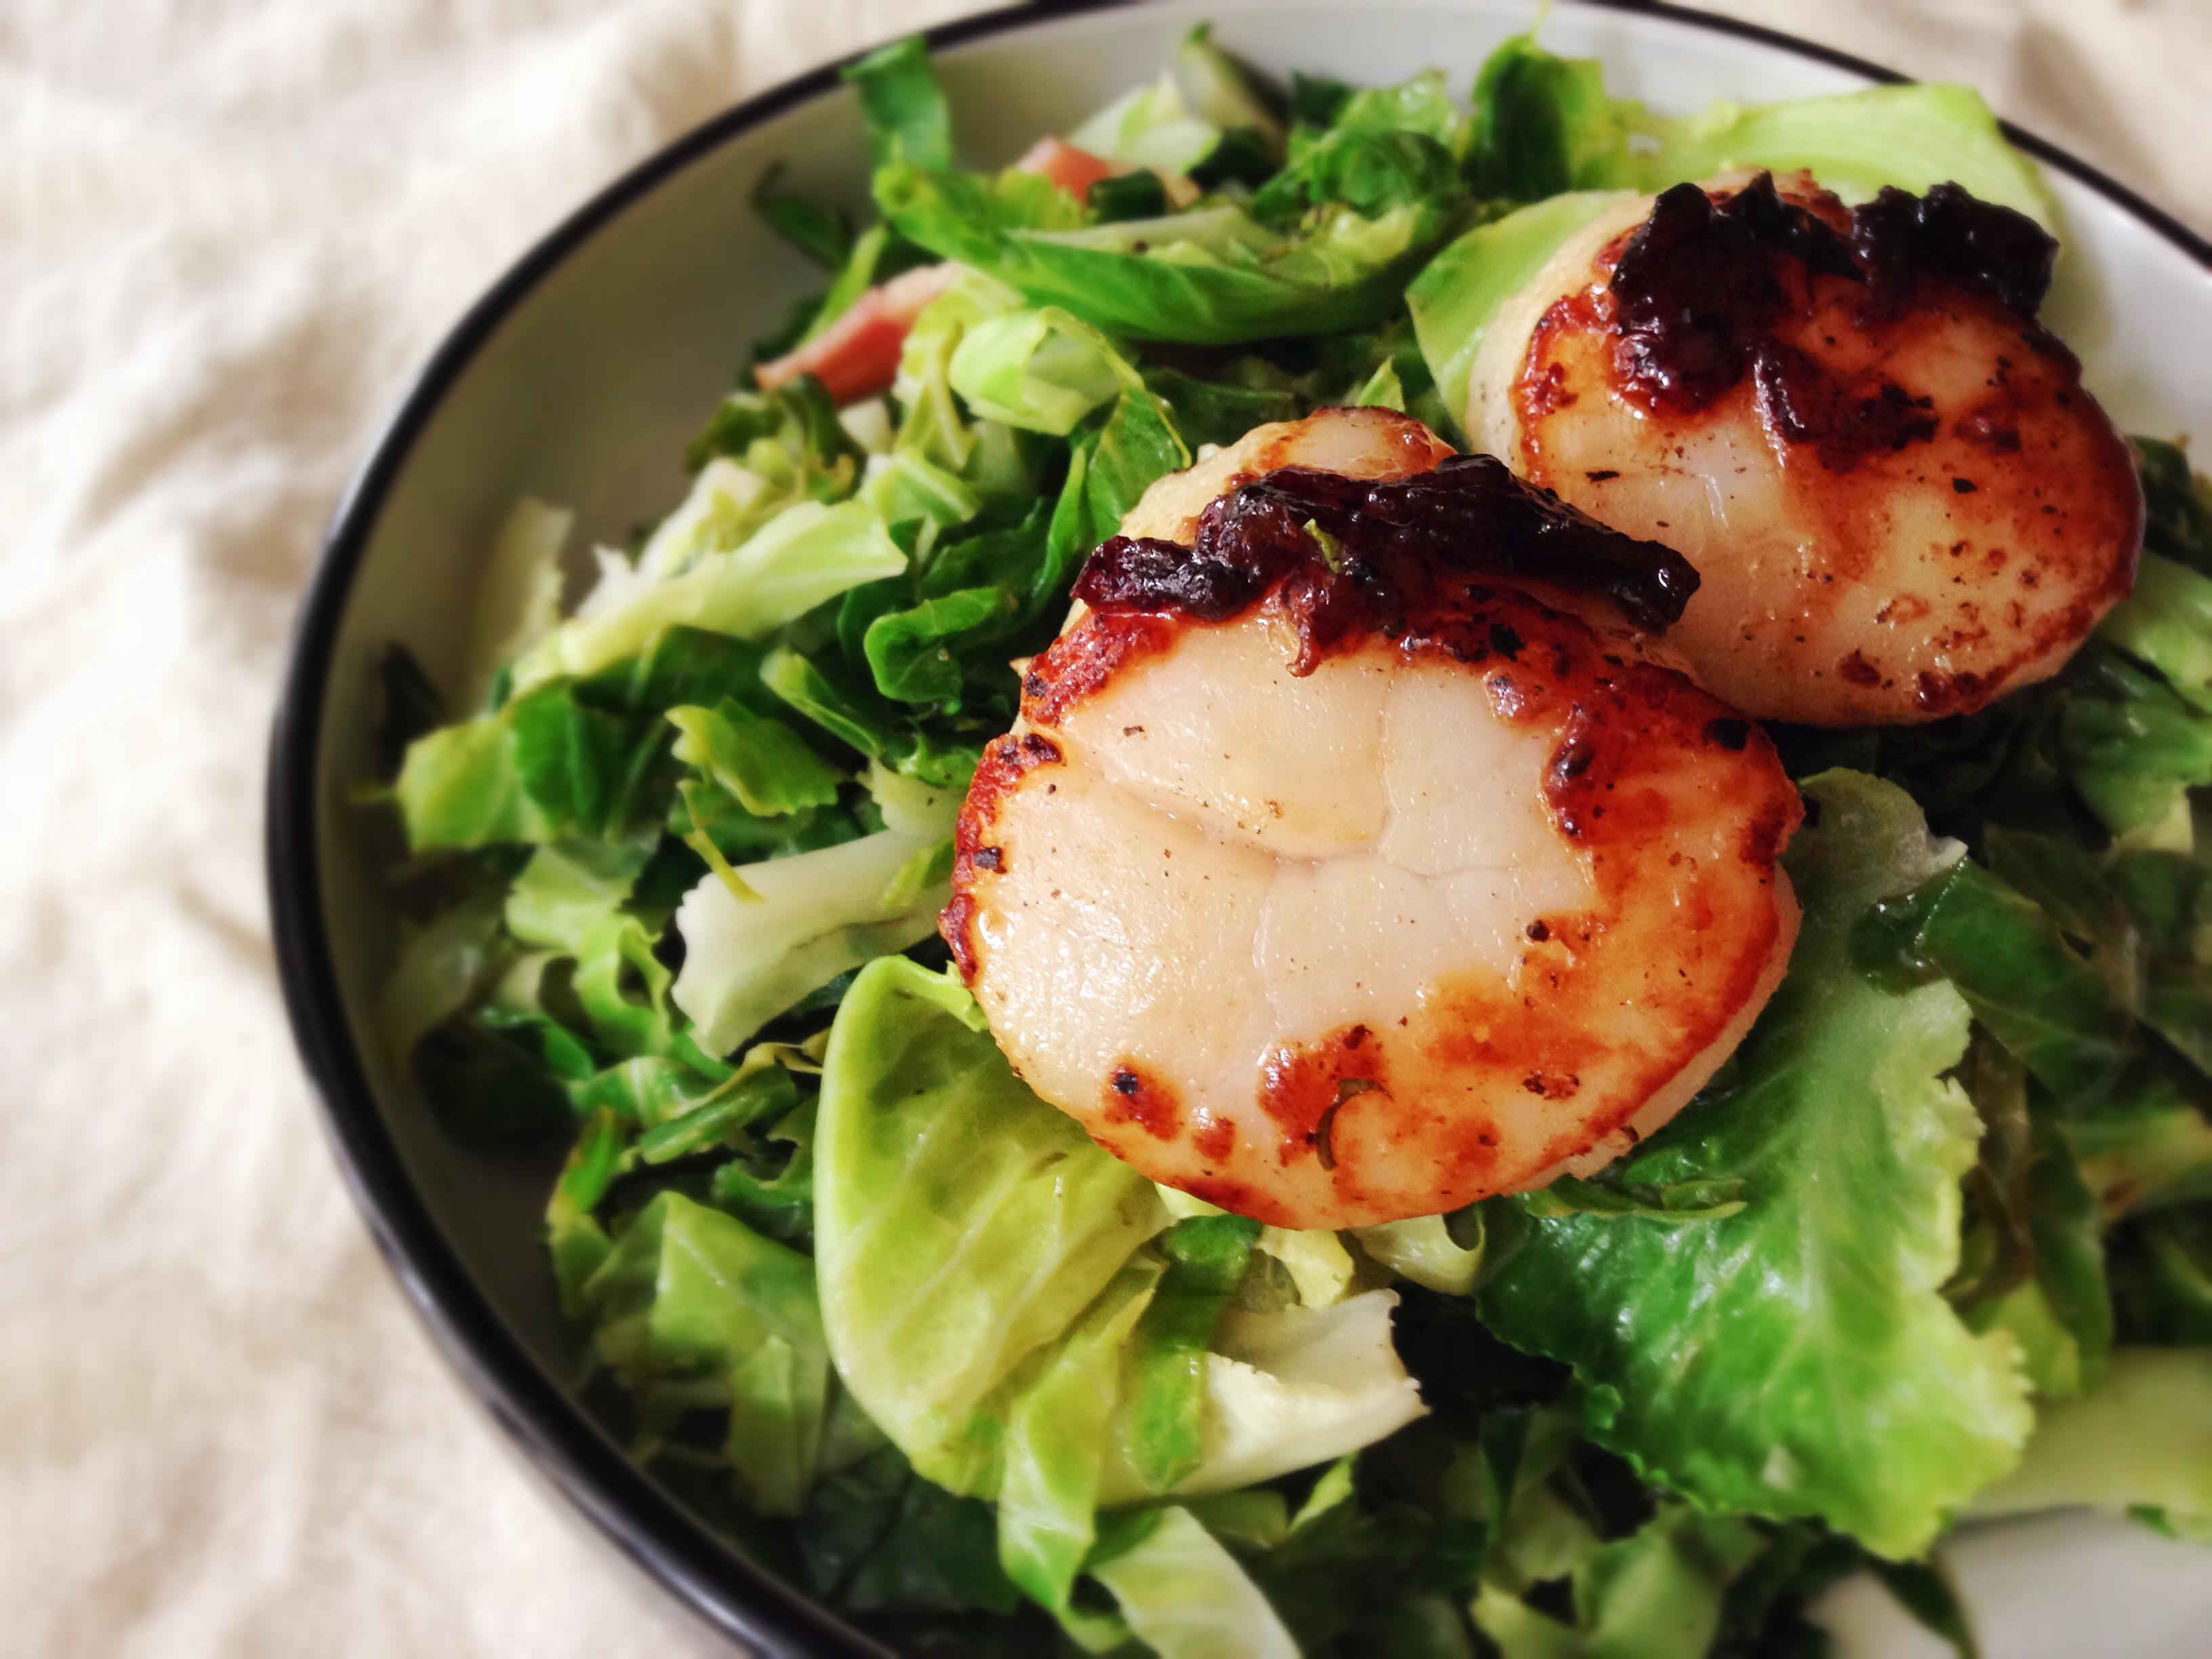 培根干貝沙拉 Scallop and Bacon Baby Cabbage Salad